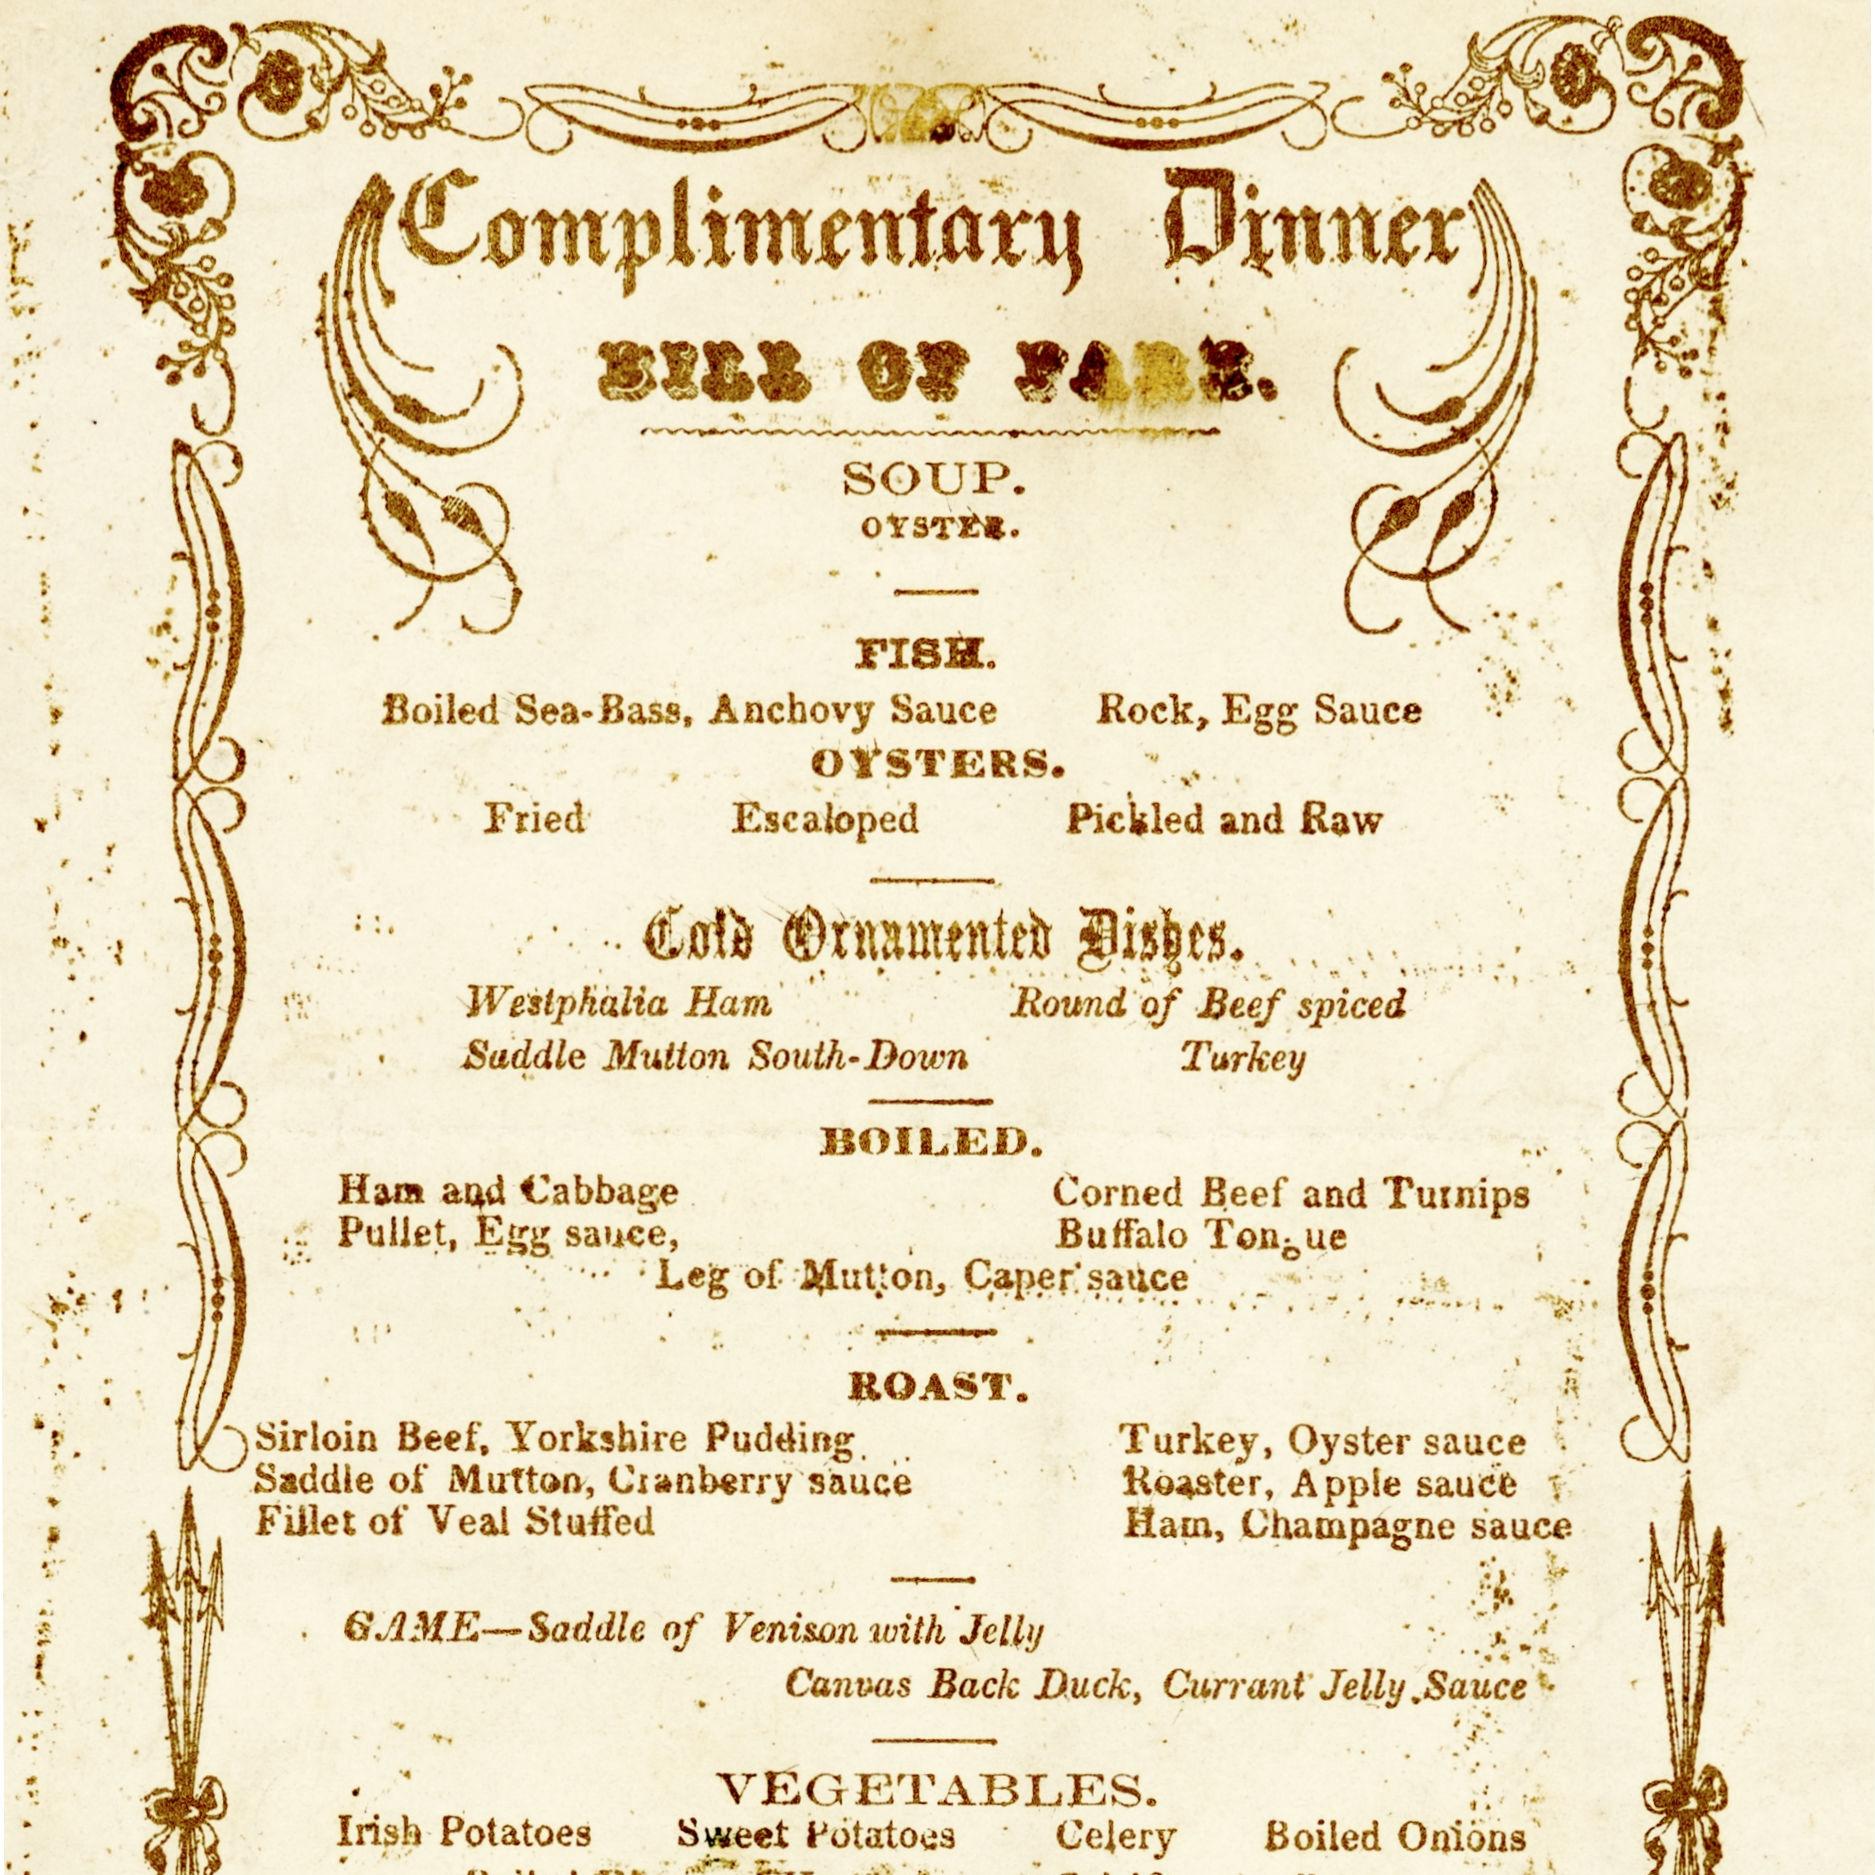 Ballard-menu-front-18_0342_008.jpg